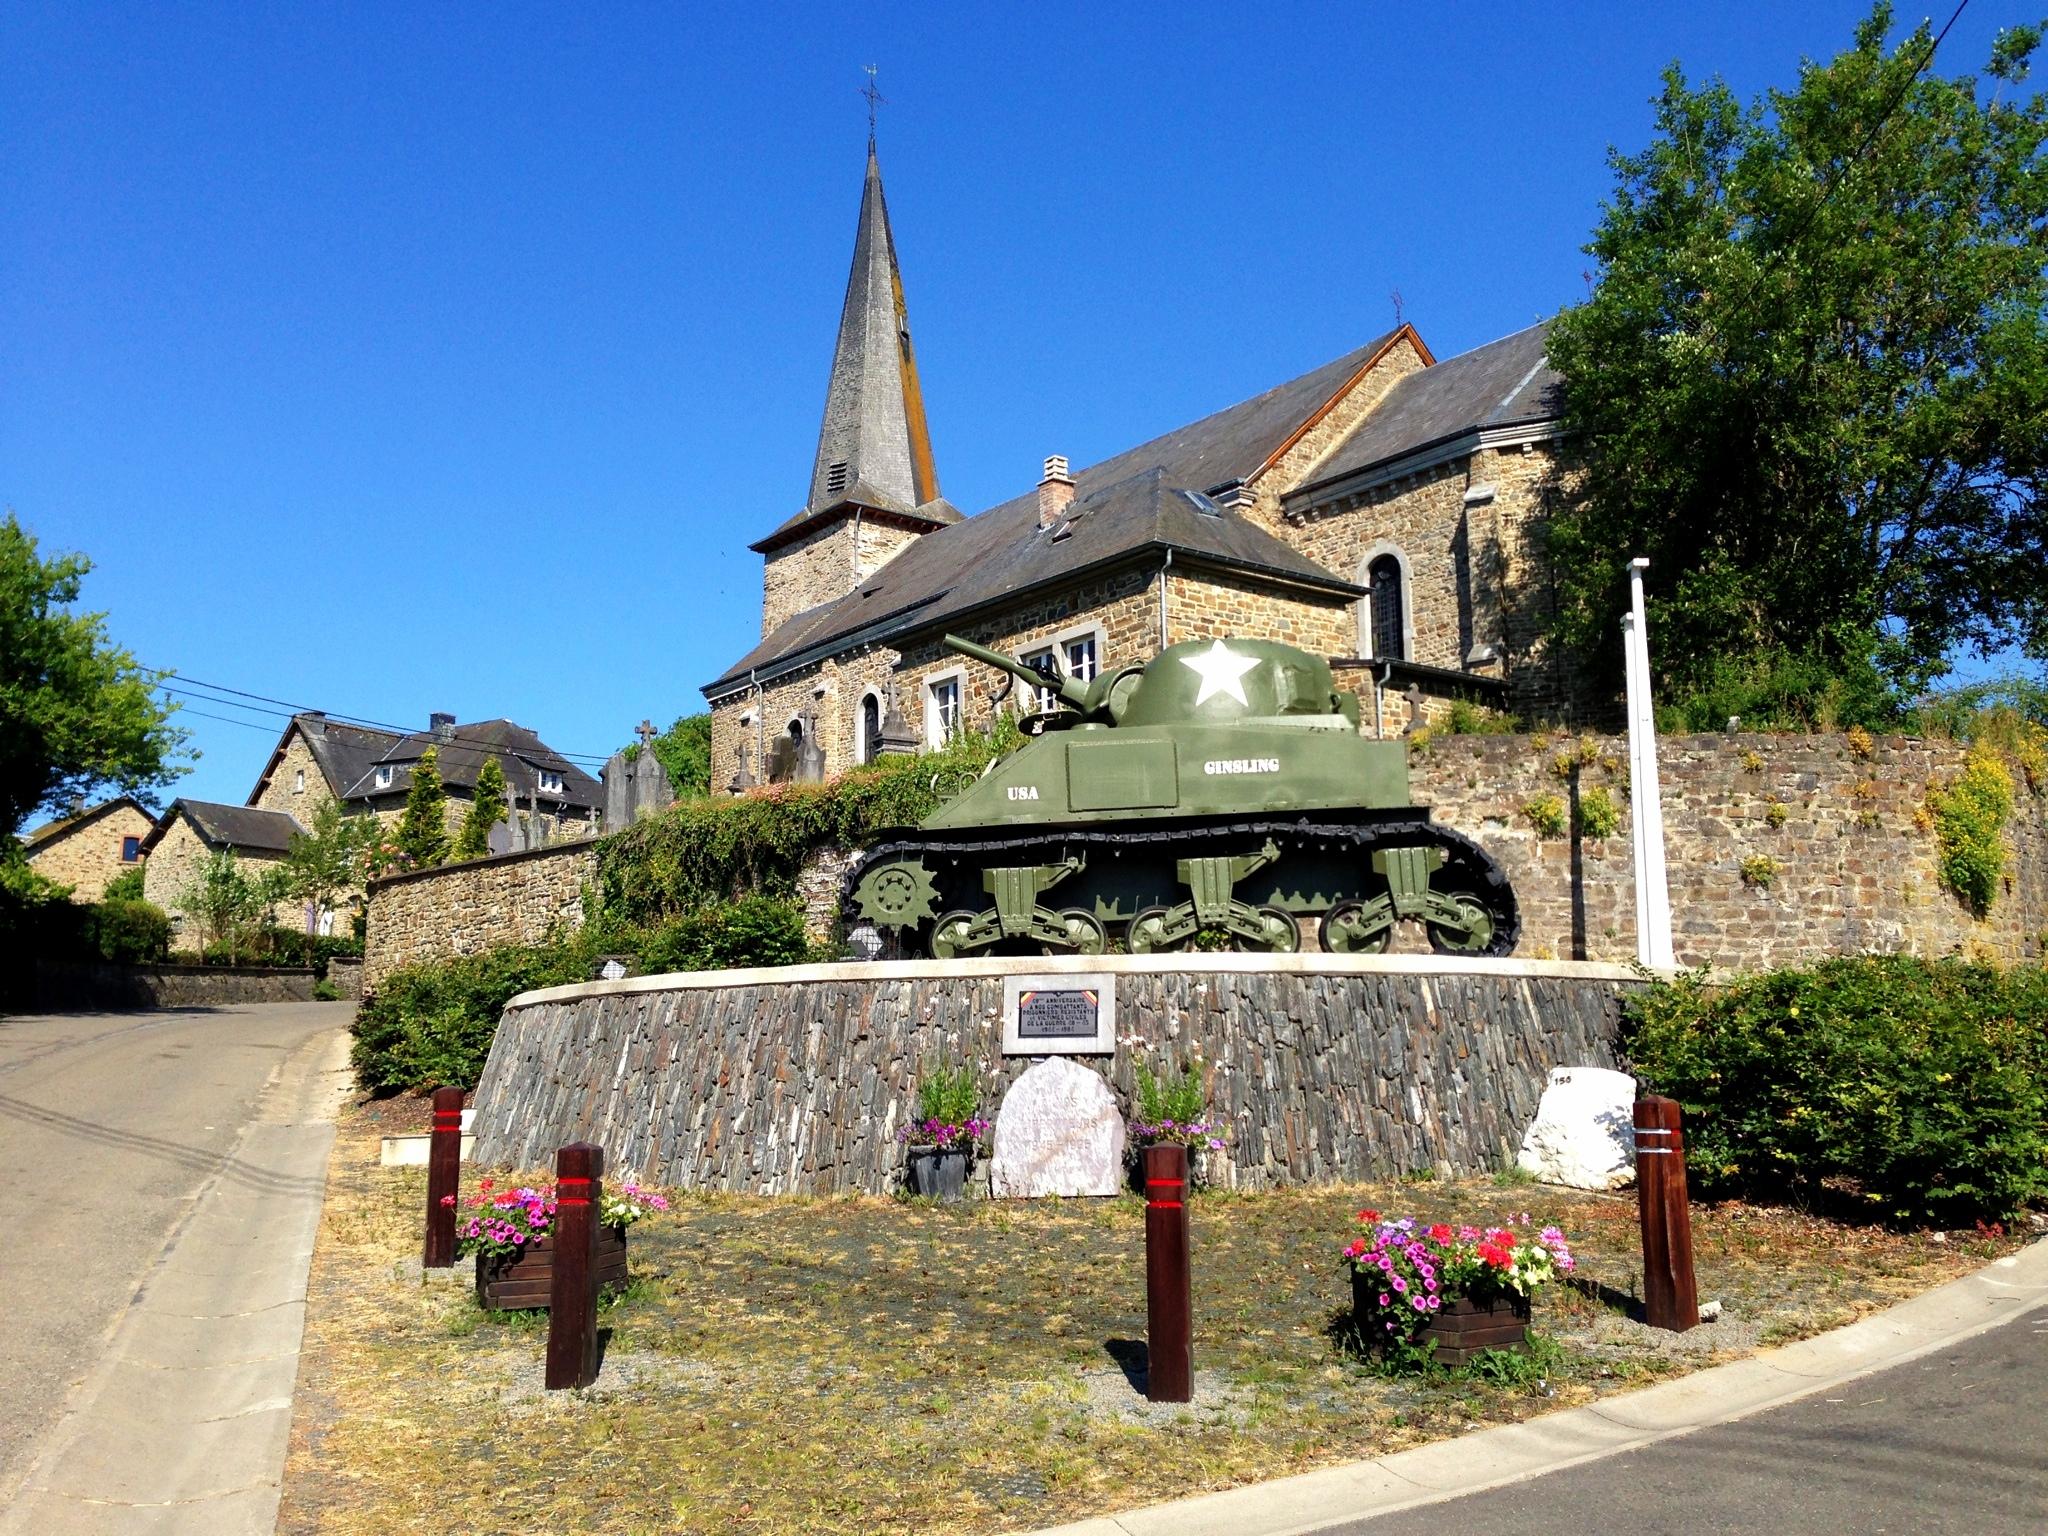 WWII monument nearAchouffe